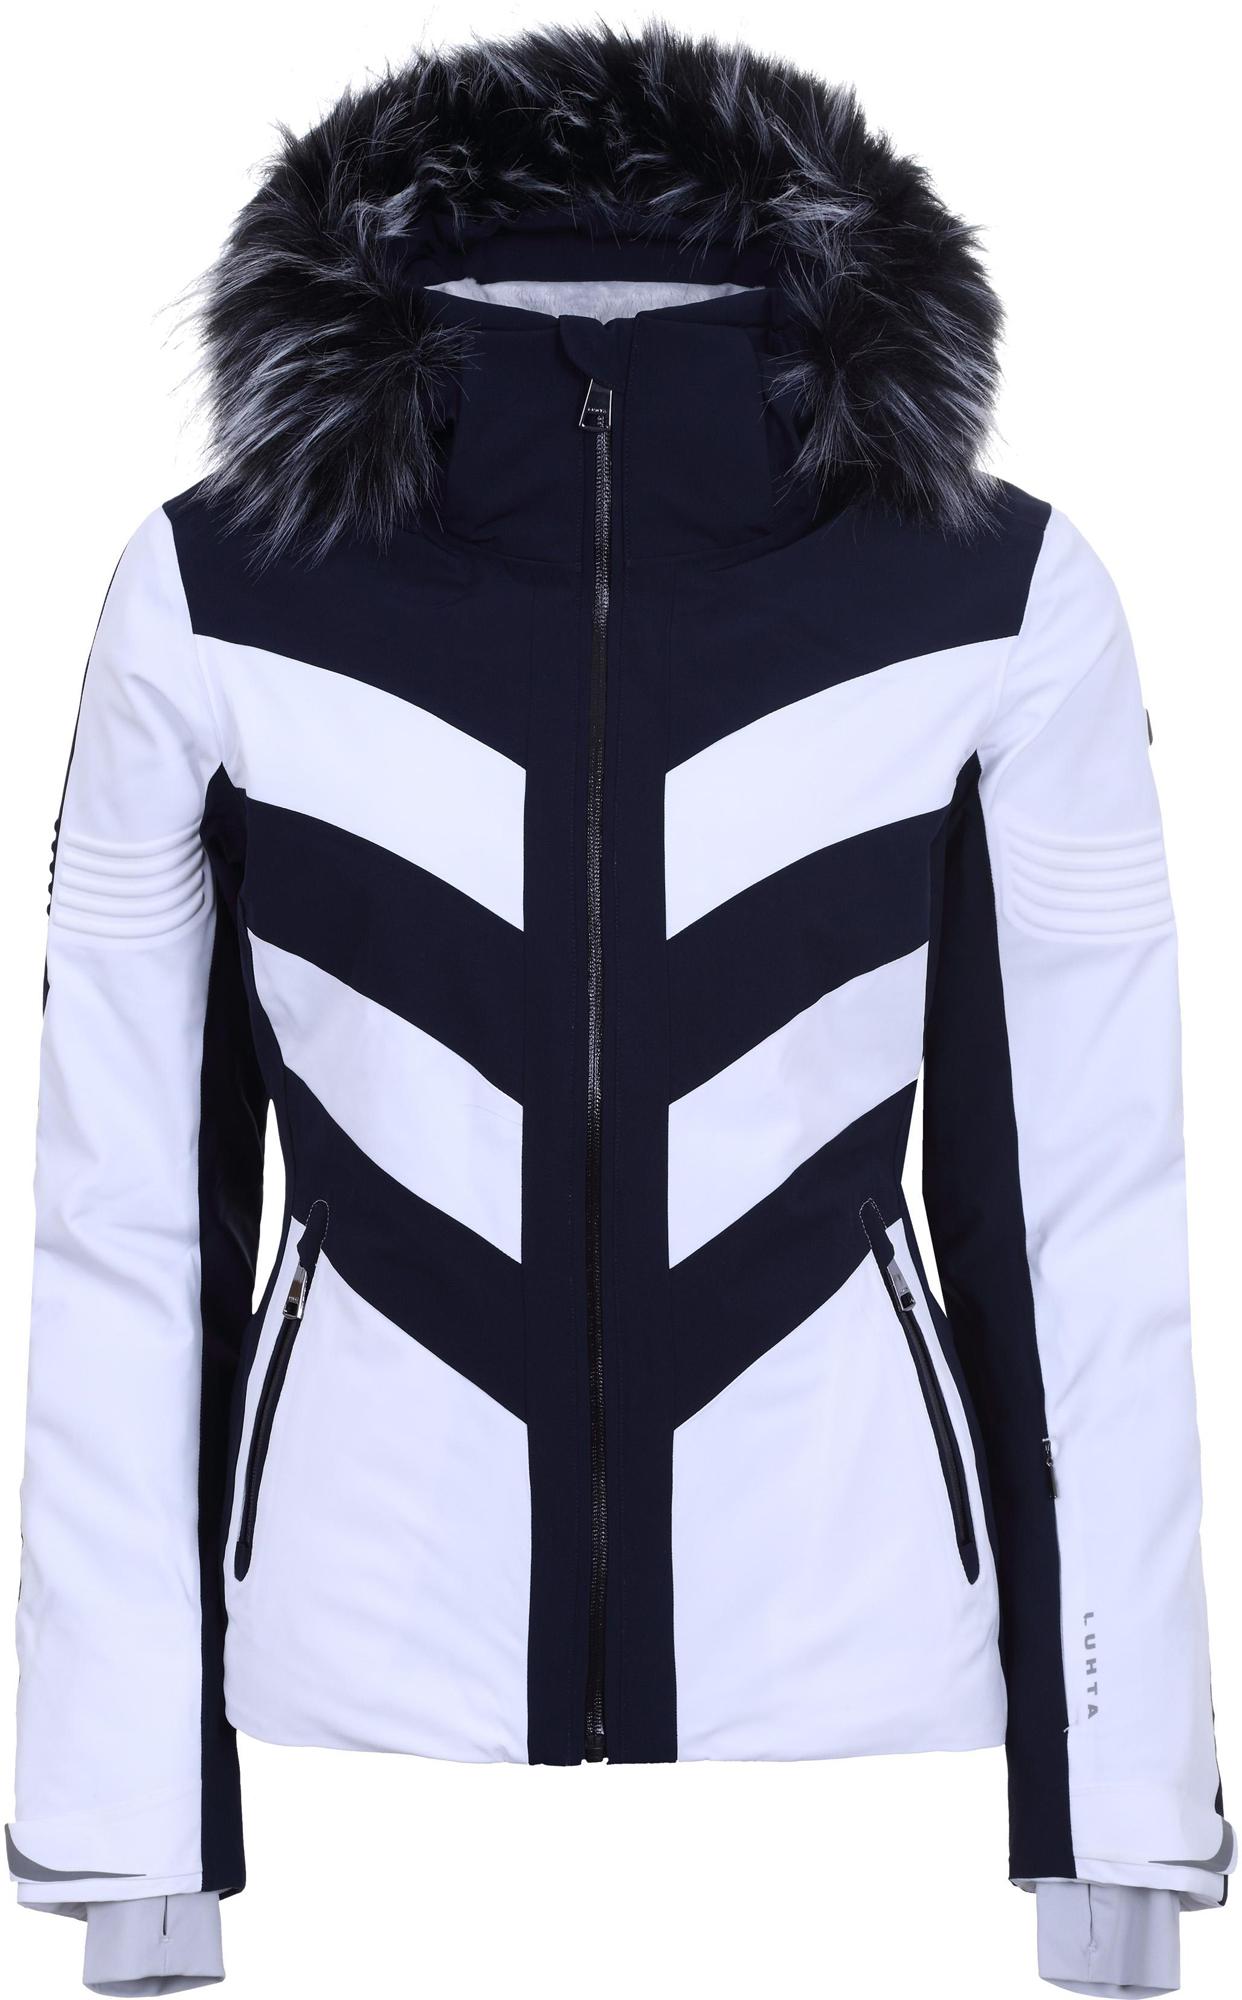 купить Luhta Куртка женская Luhta Jalonoja, размер 50 по цене 21999 рублей